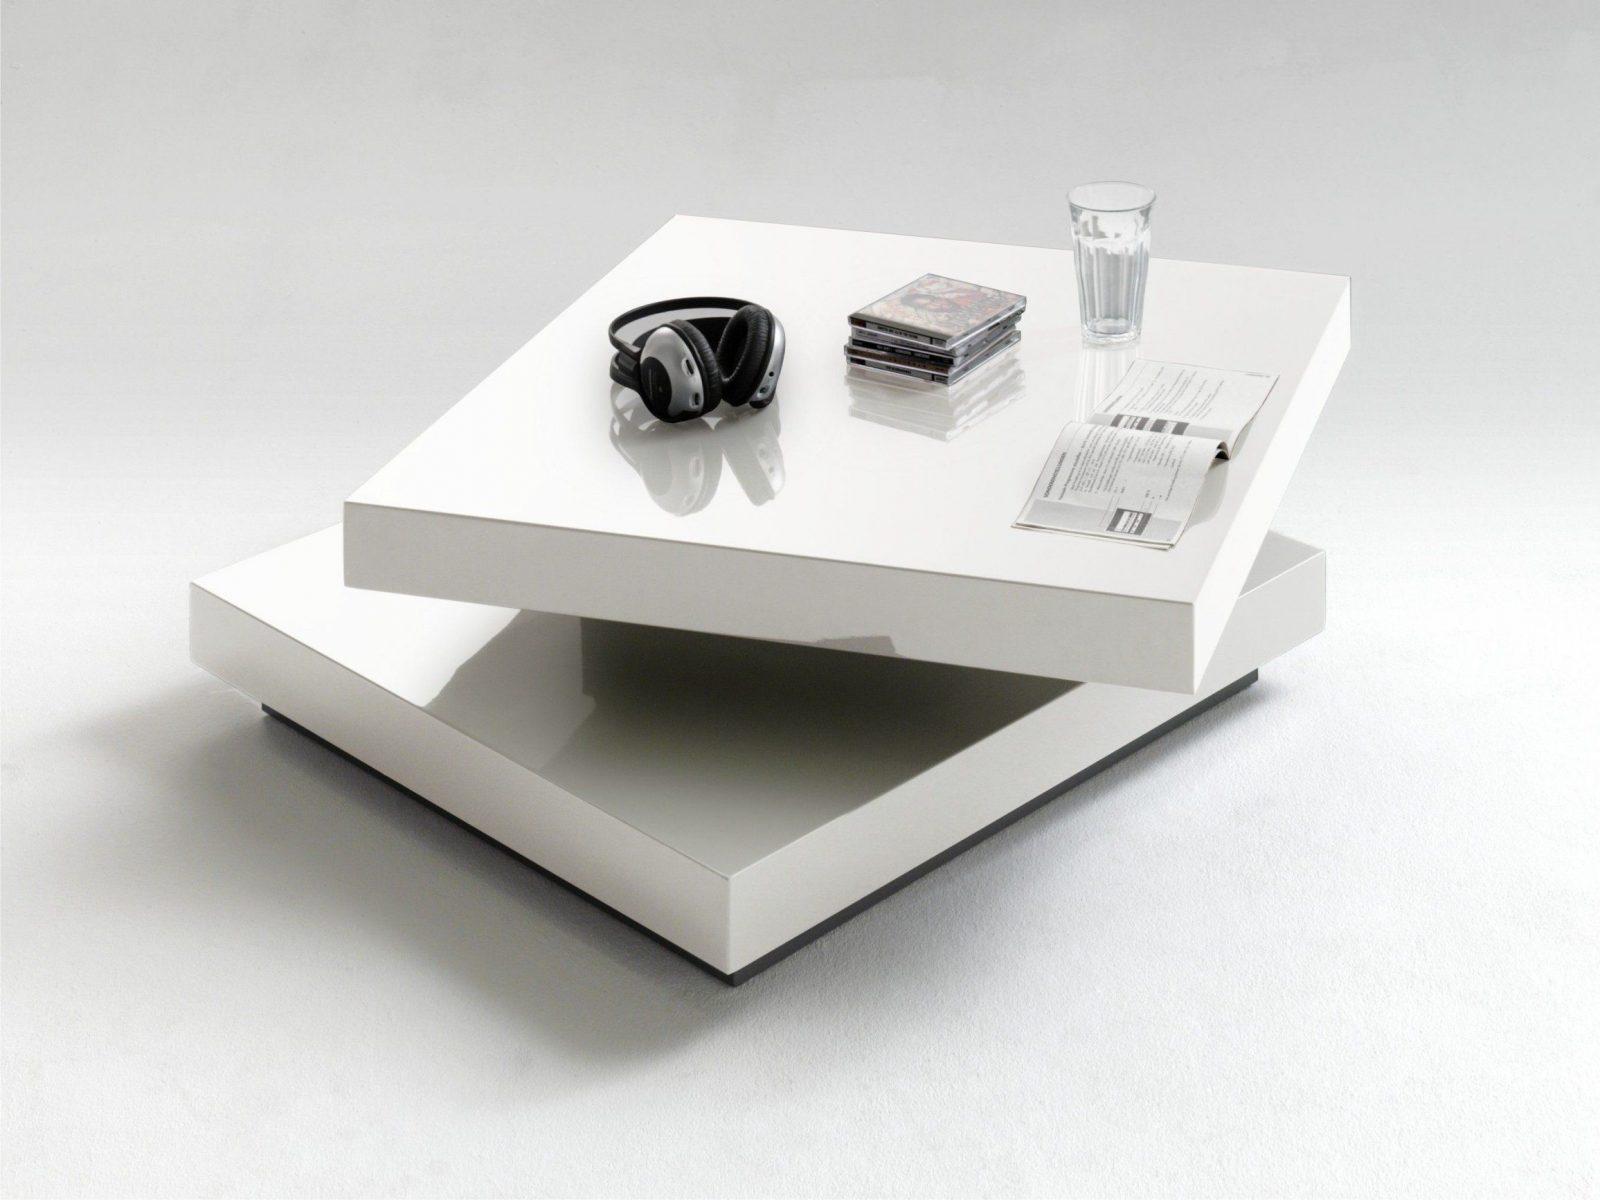 Couchtisch Ideen Zündend Couchtisch 60X60 Weiß Couchtisch 60X60 von Couchtisch 60X60 Weiß Photo